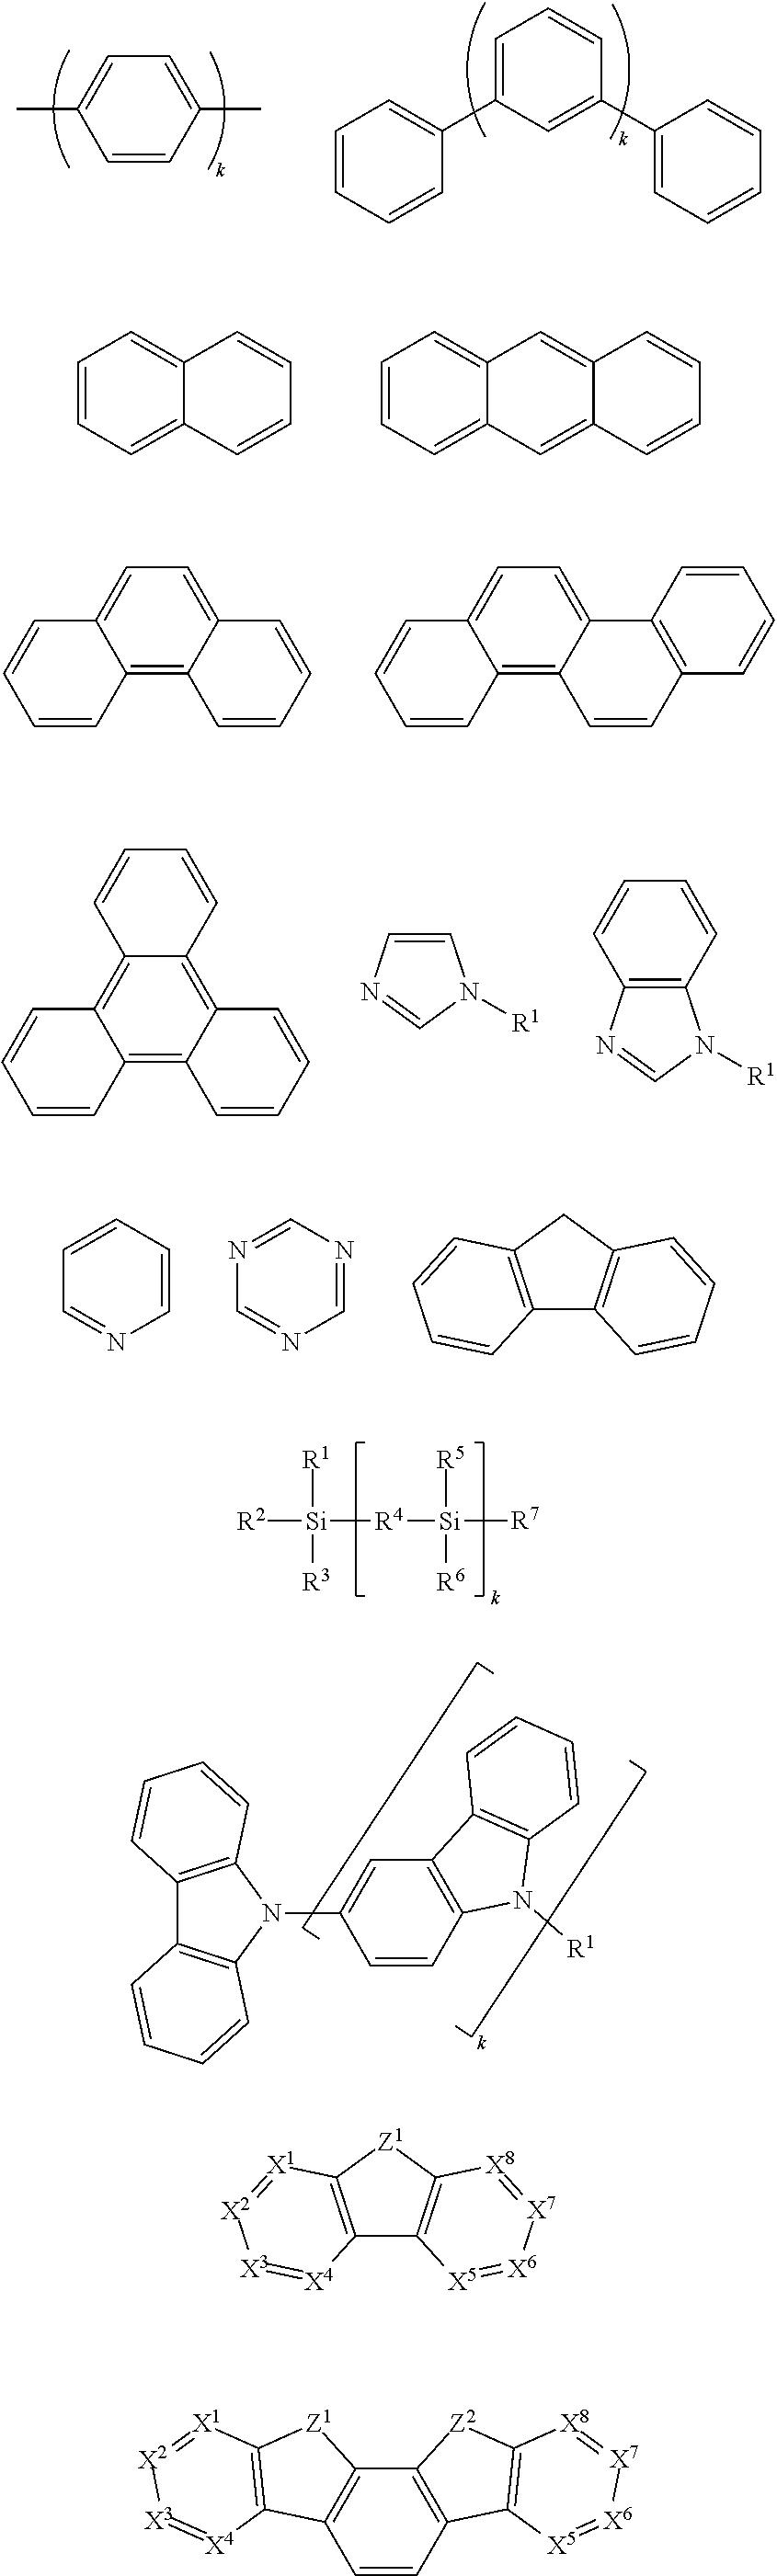 Figure US08652656-20140218-C00051